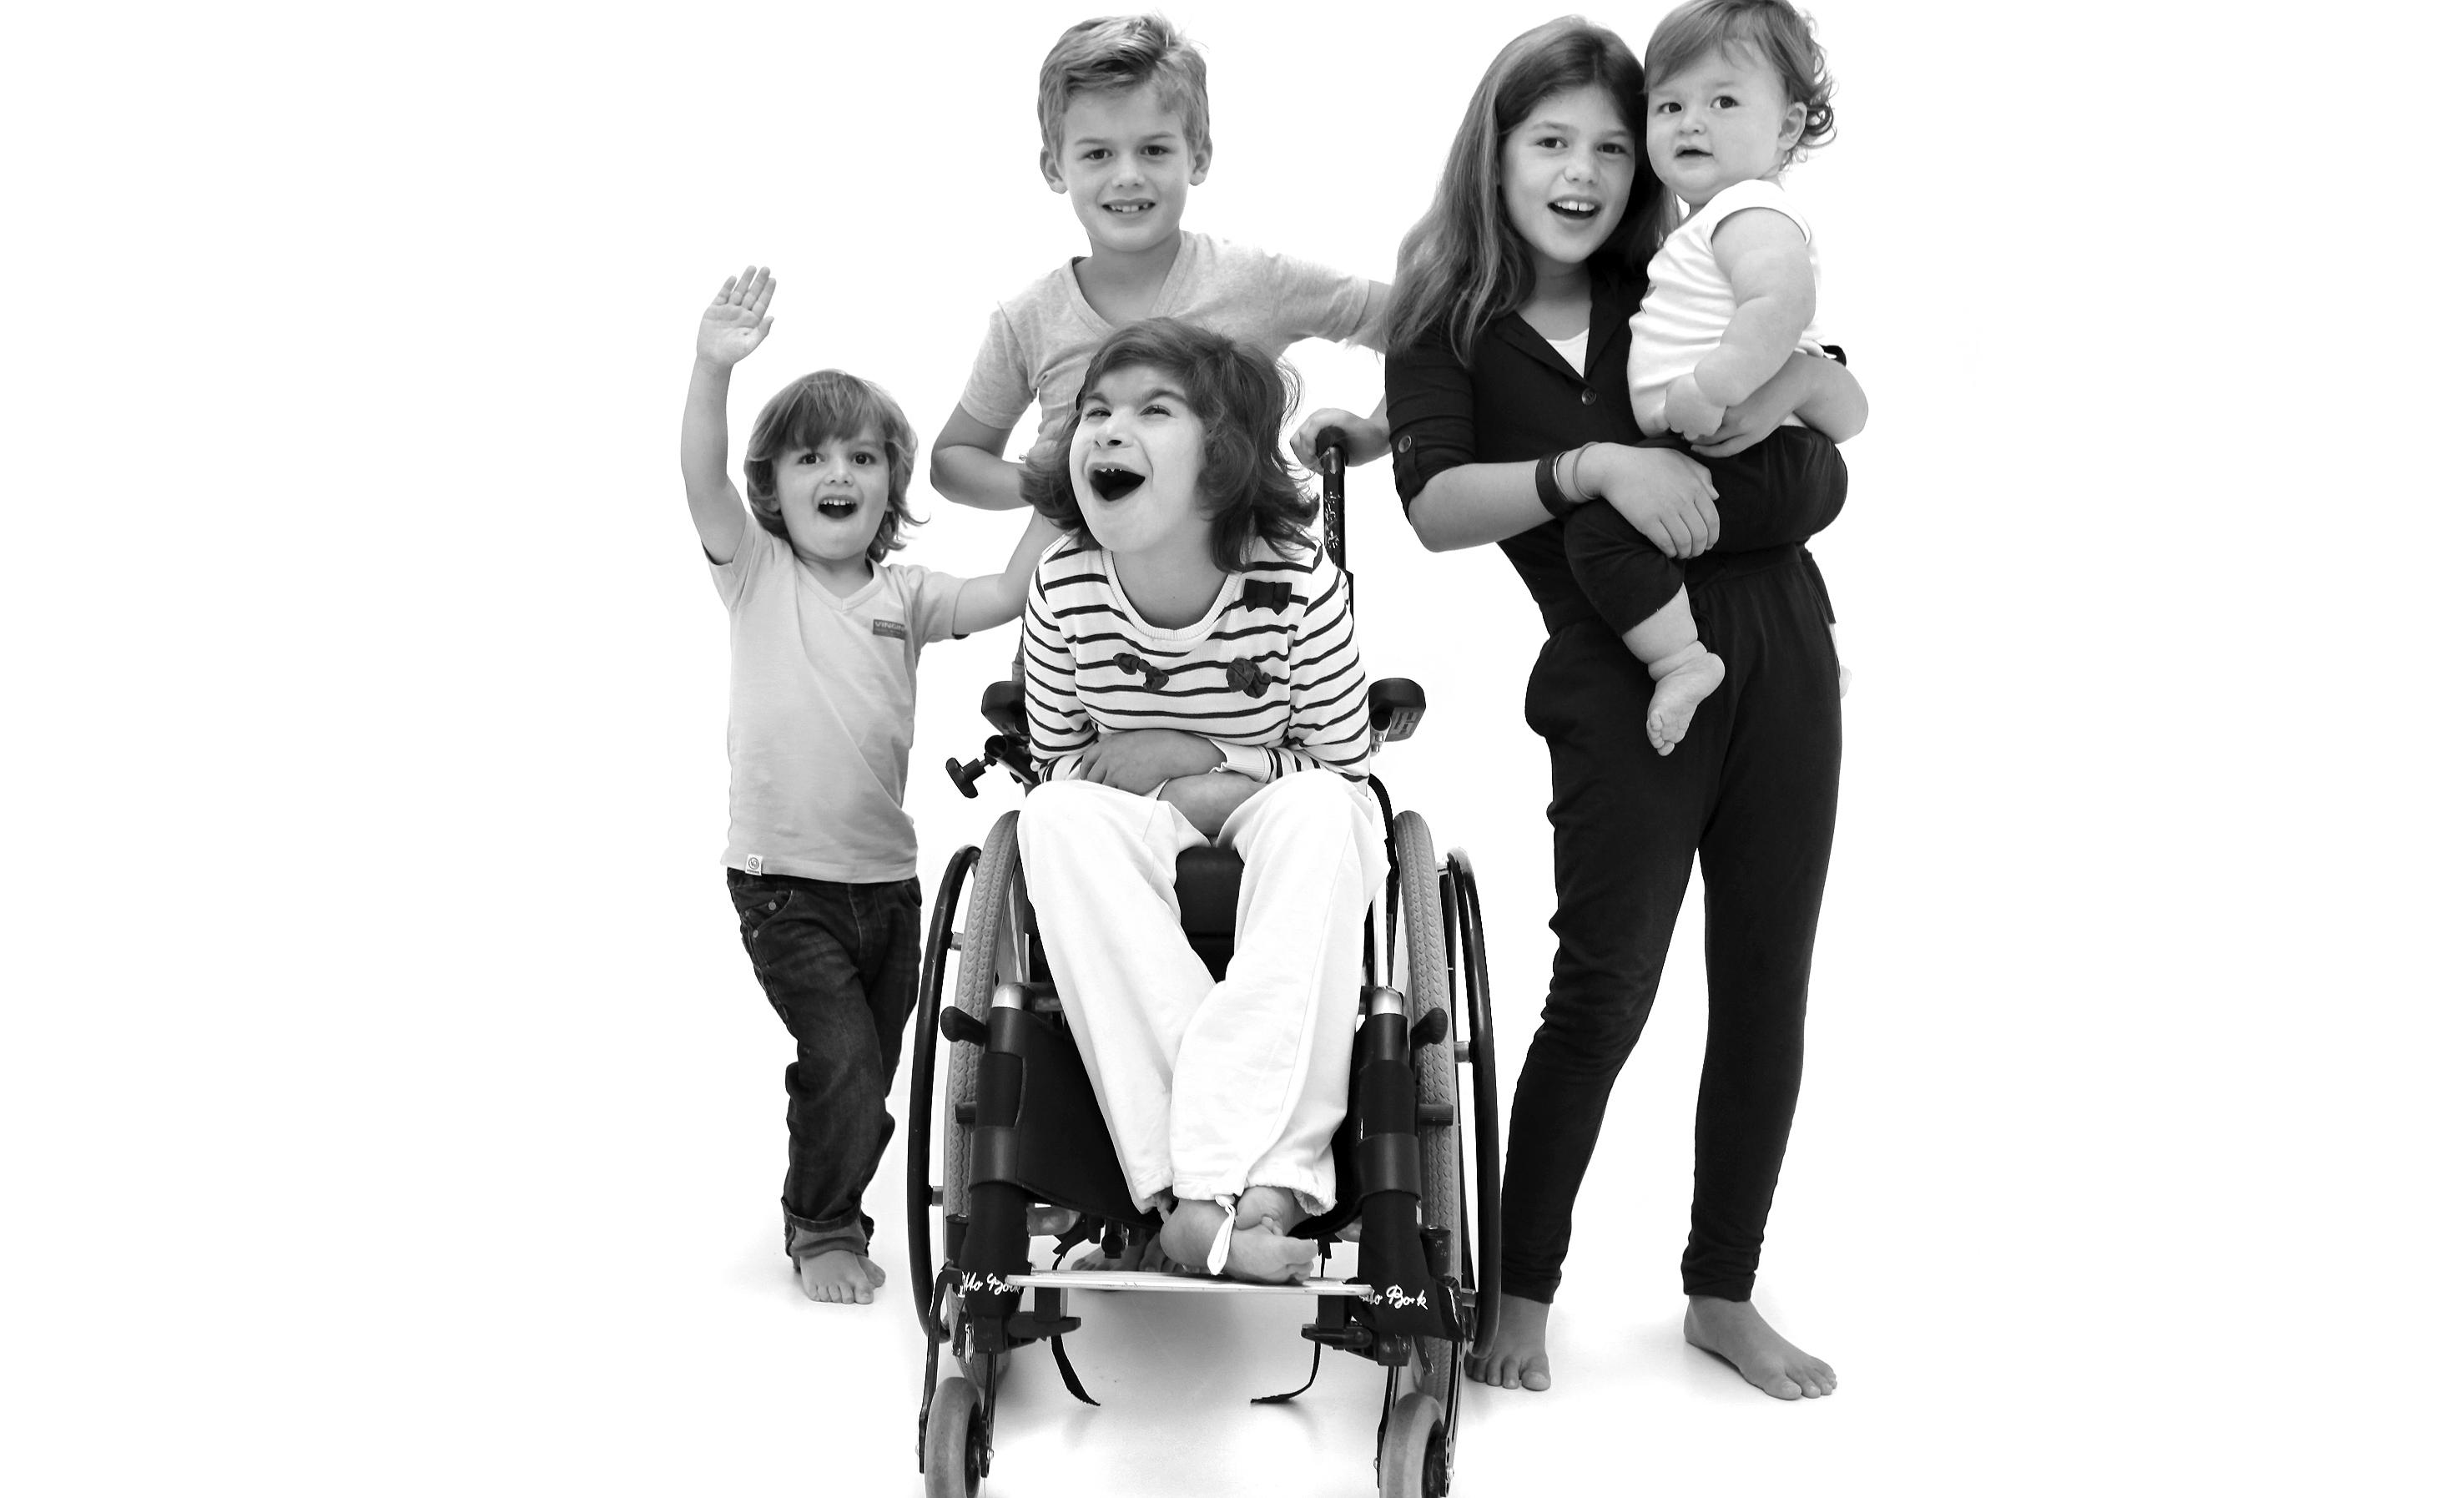 familieportretfotografie amsterdam